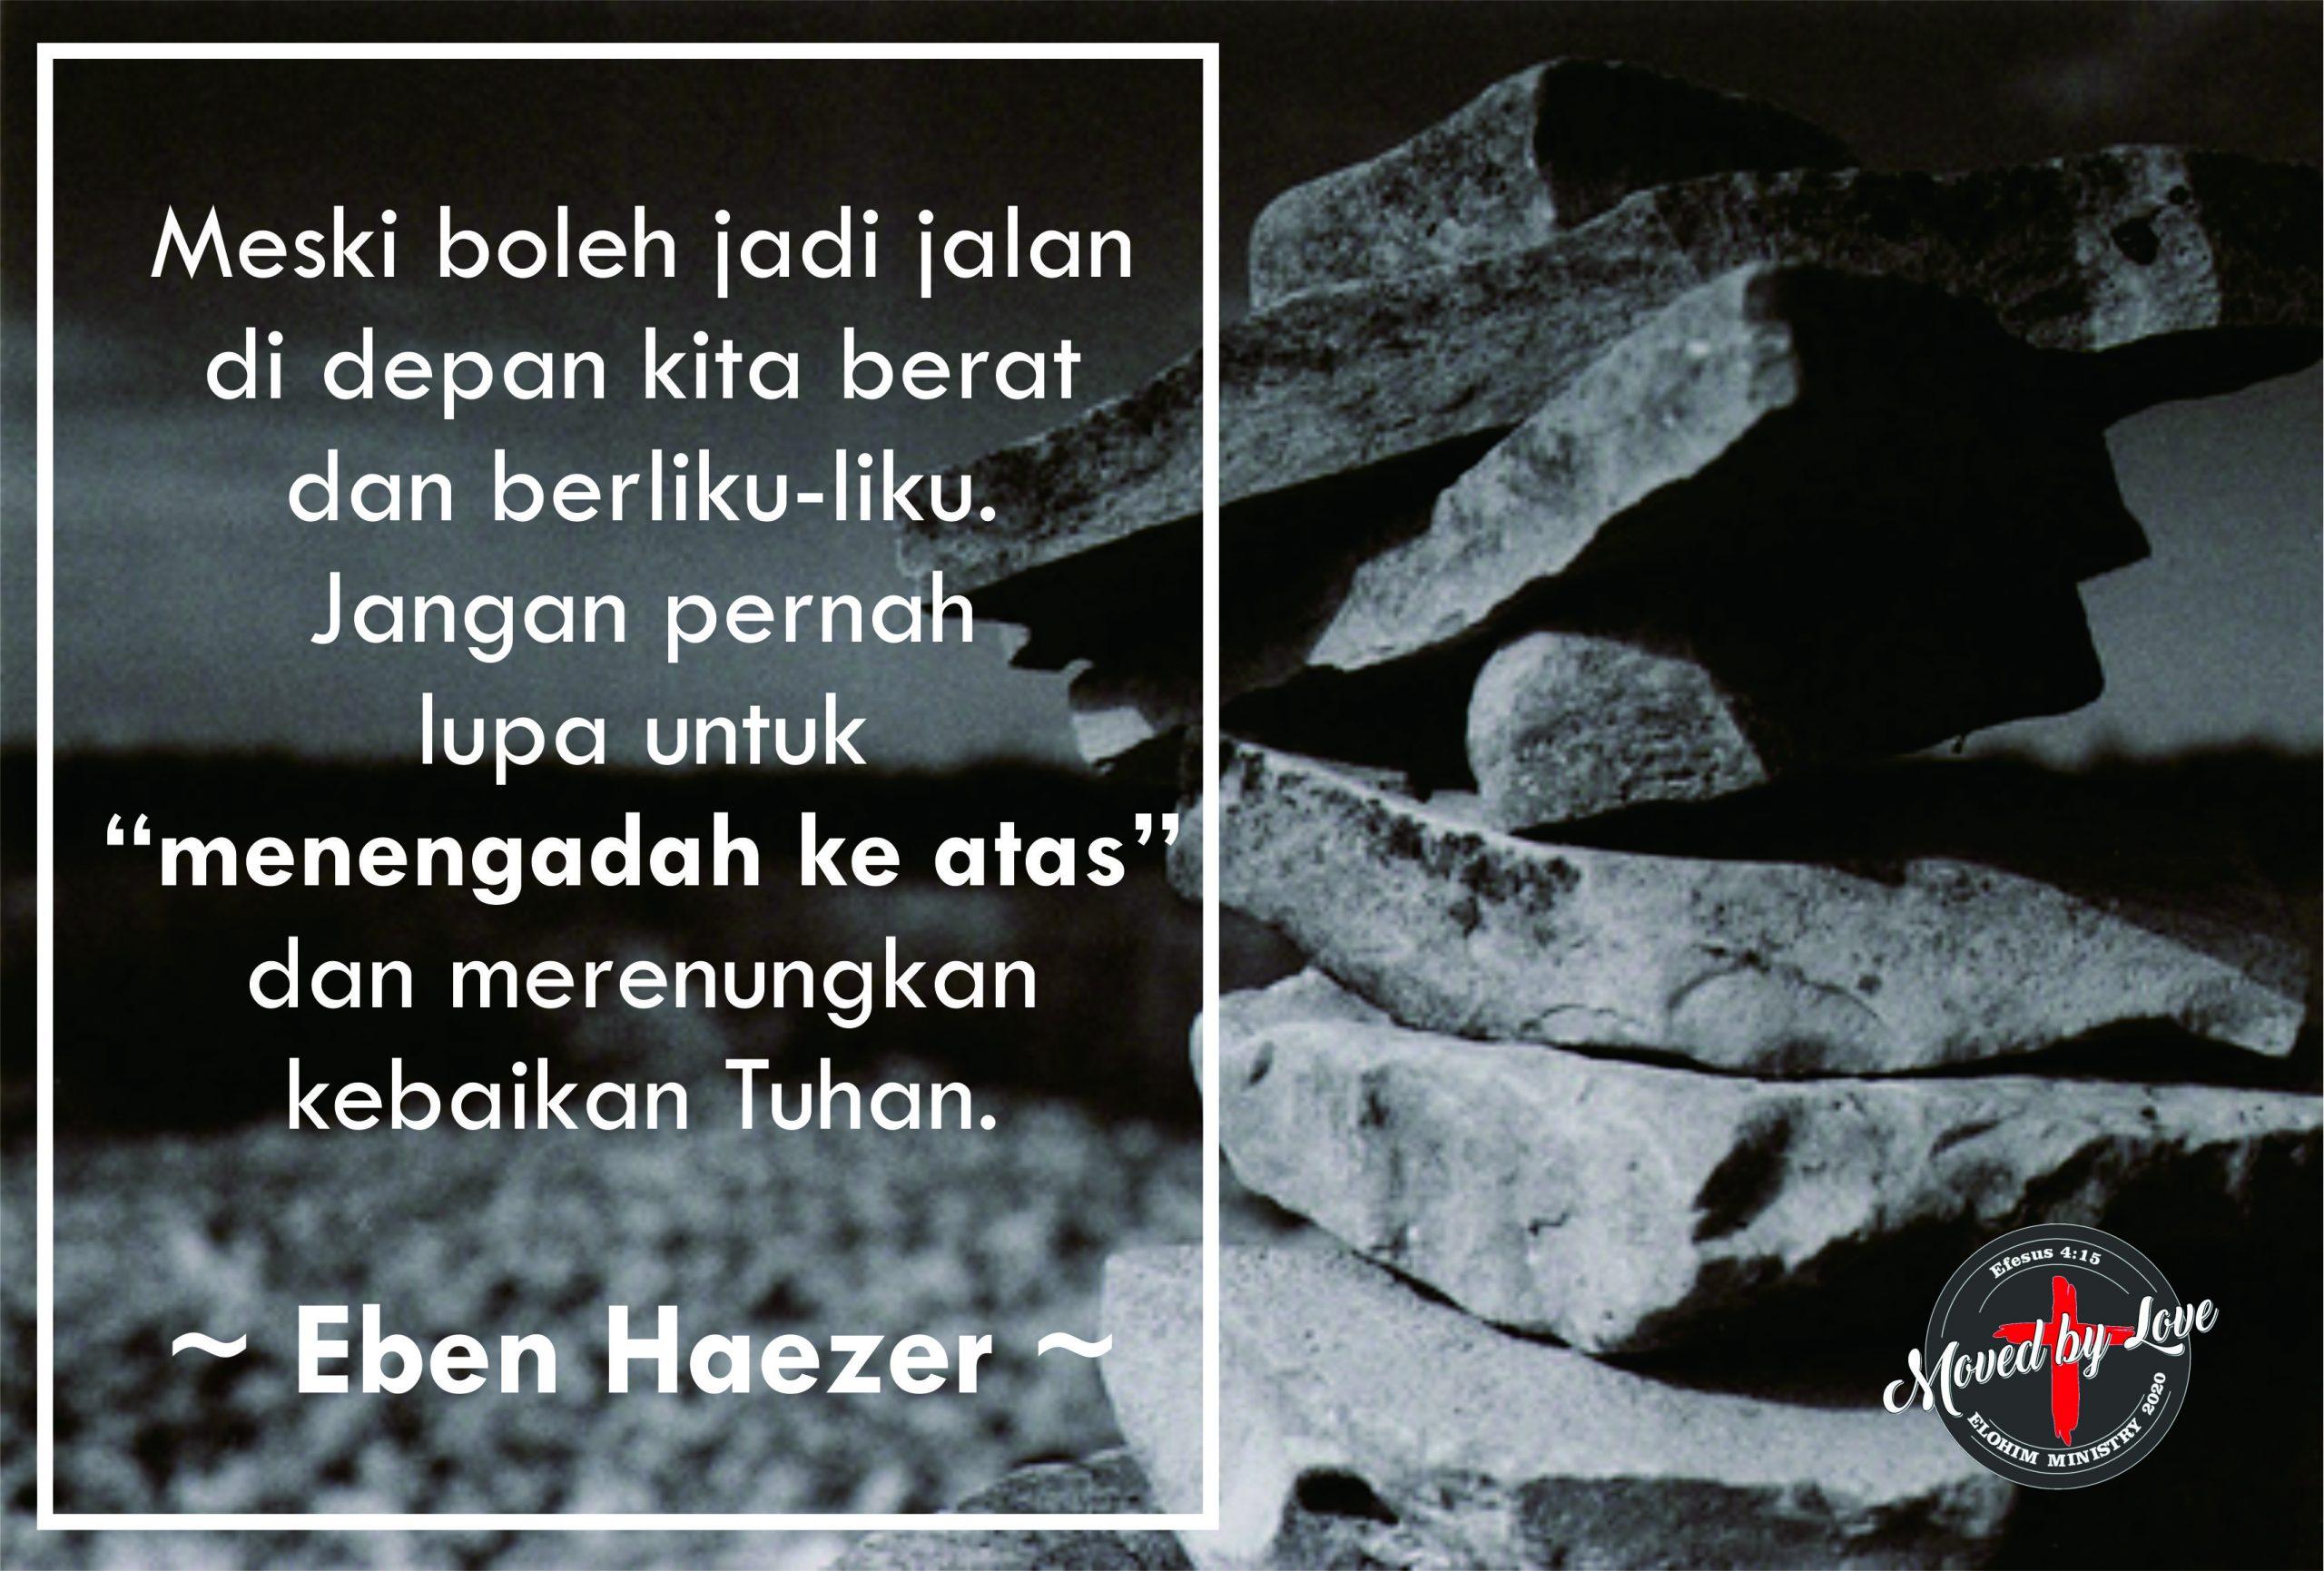 Eben-Haezer ~ Waktu perenungan